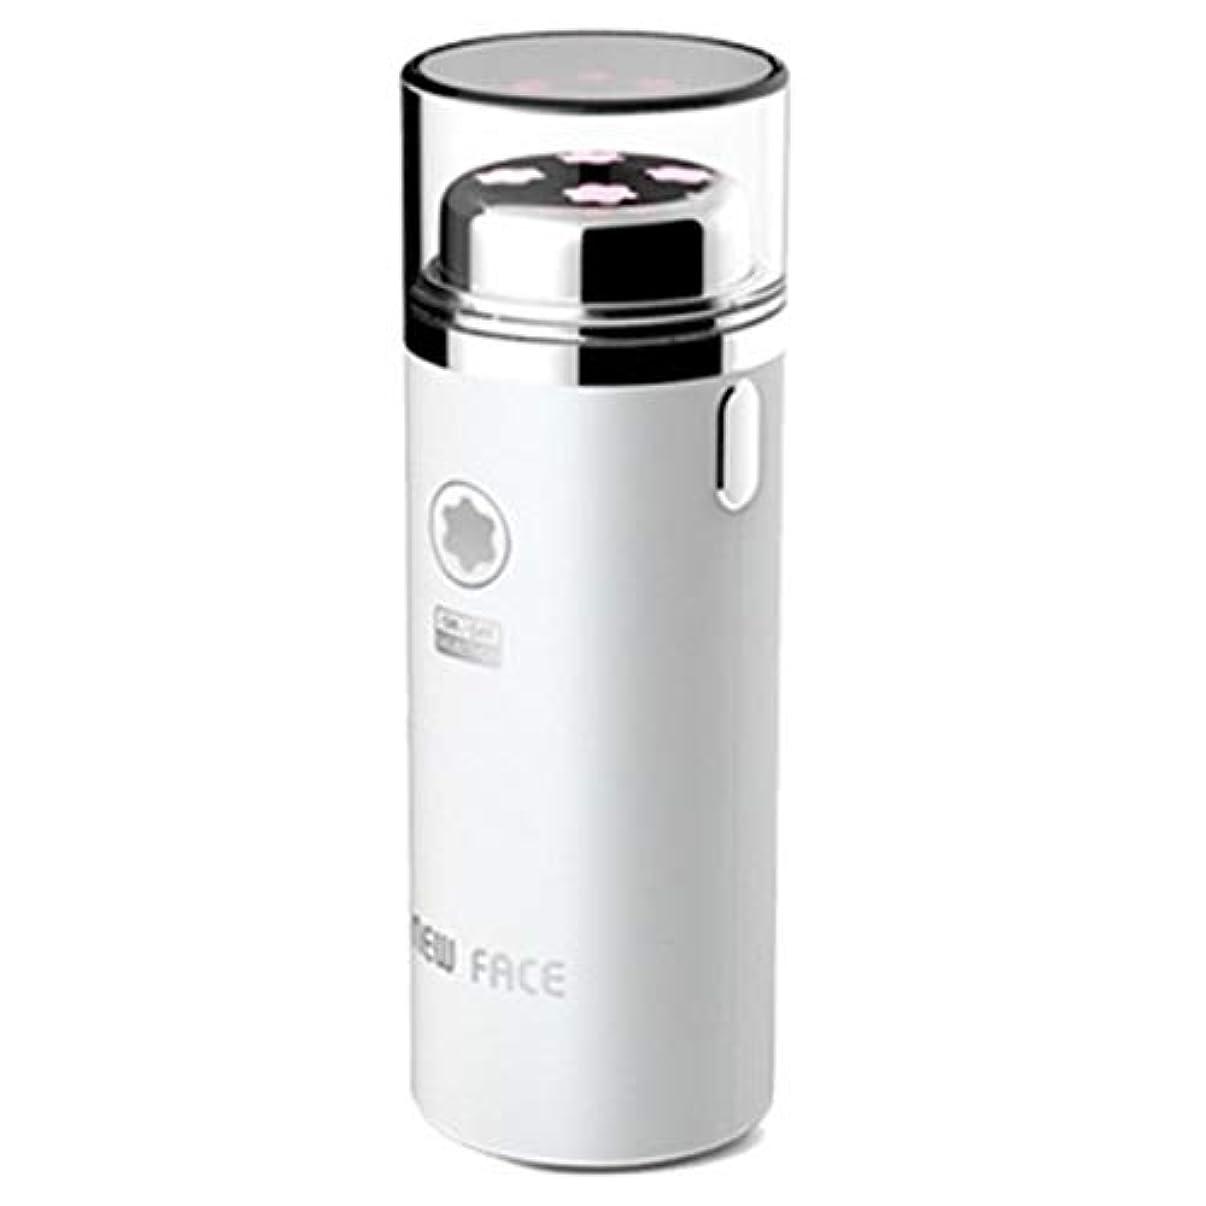 割り当て窓お手入れエラニューフェイスガルバニックマイクロ振動イオンスキンマッサージャーEFM-2500ホワイト Elra New Face Galvanic Micro Vibration Ion Skin Massager EFM-2500...